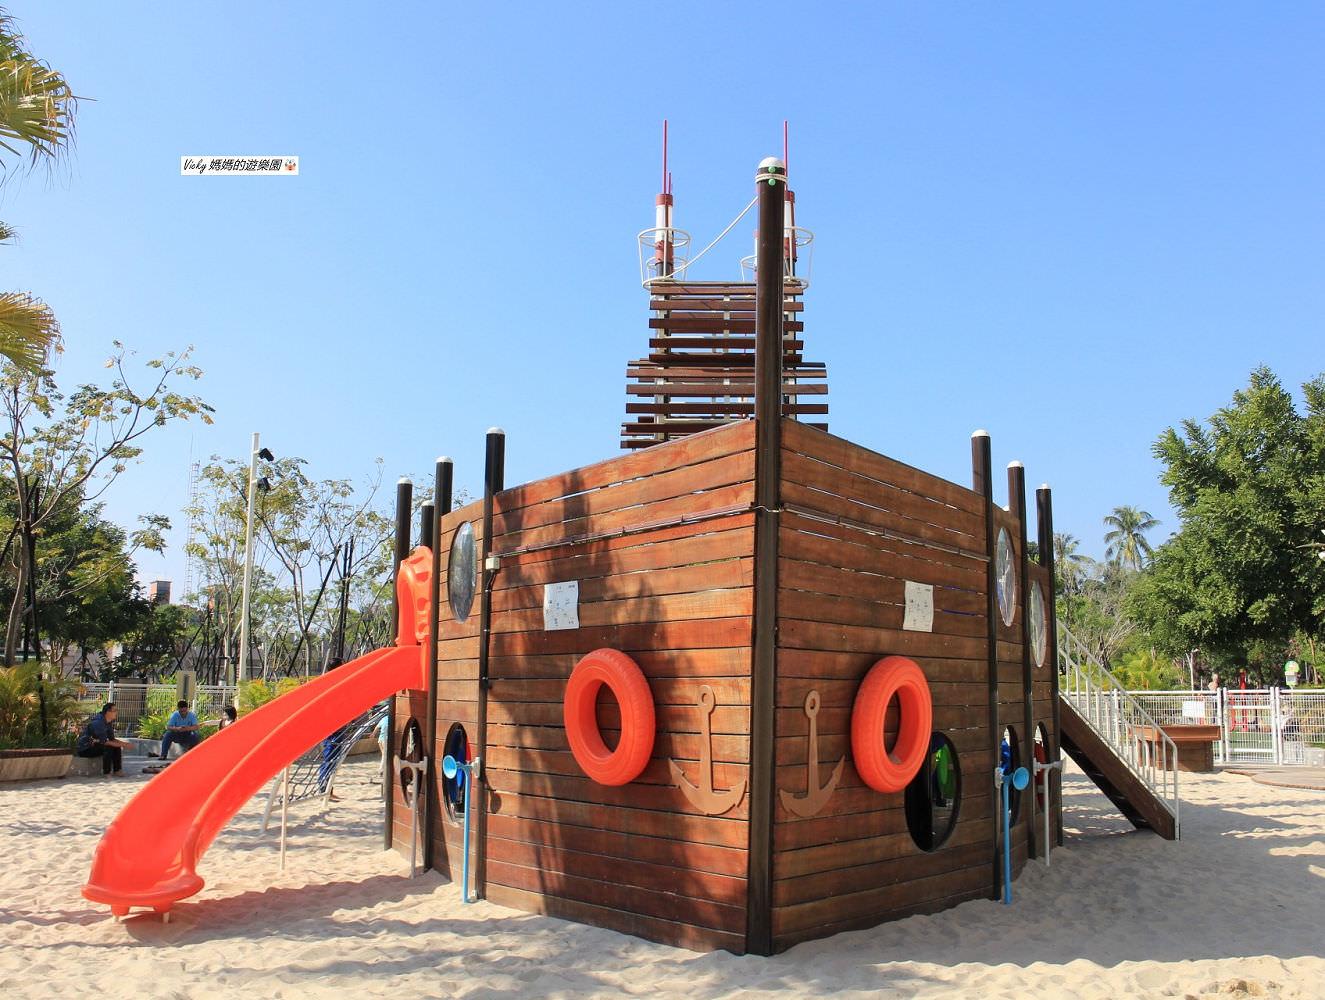 特色公園︱屏東永大公園的大木船超好玩,圍繞大木船的沙坑乾淨又細白